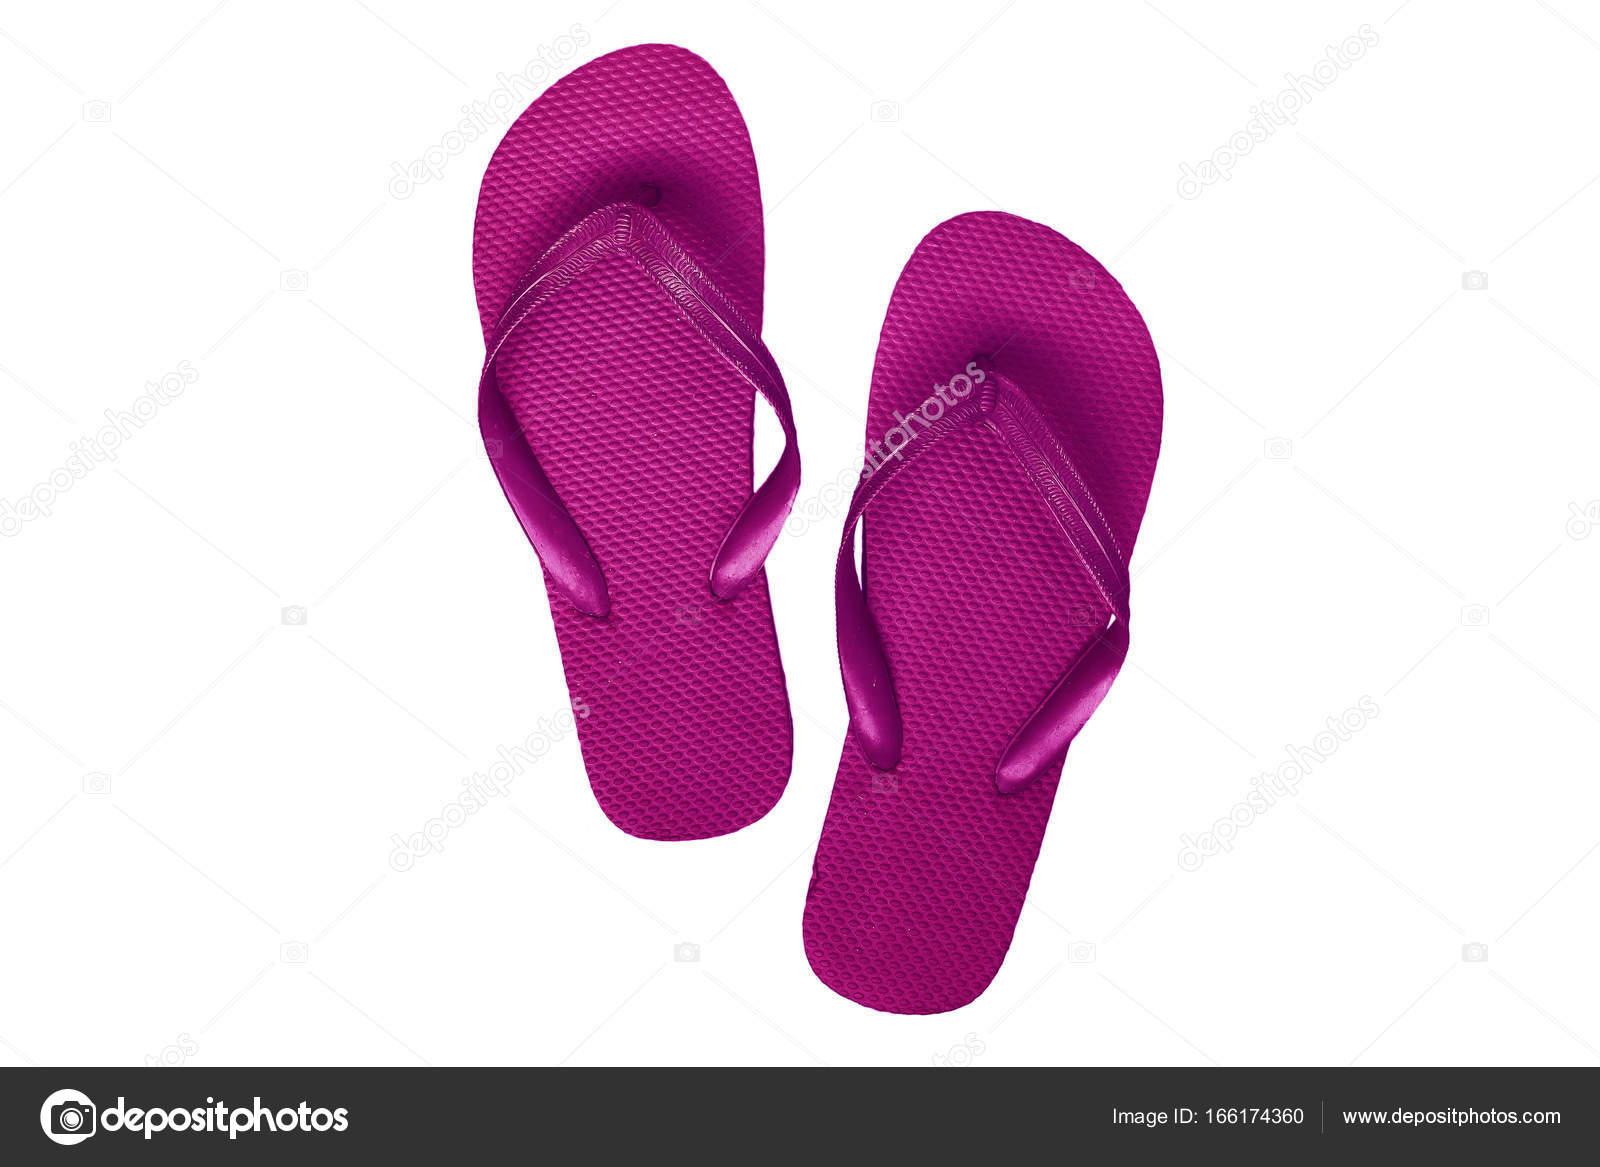 755fe4815c627 Pink-purple rubber flip flops